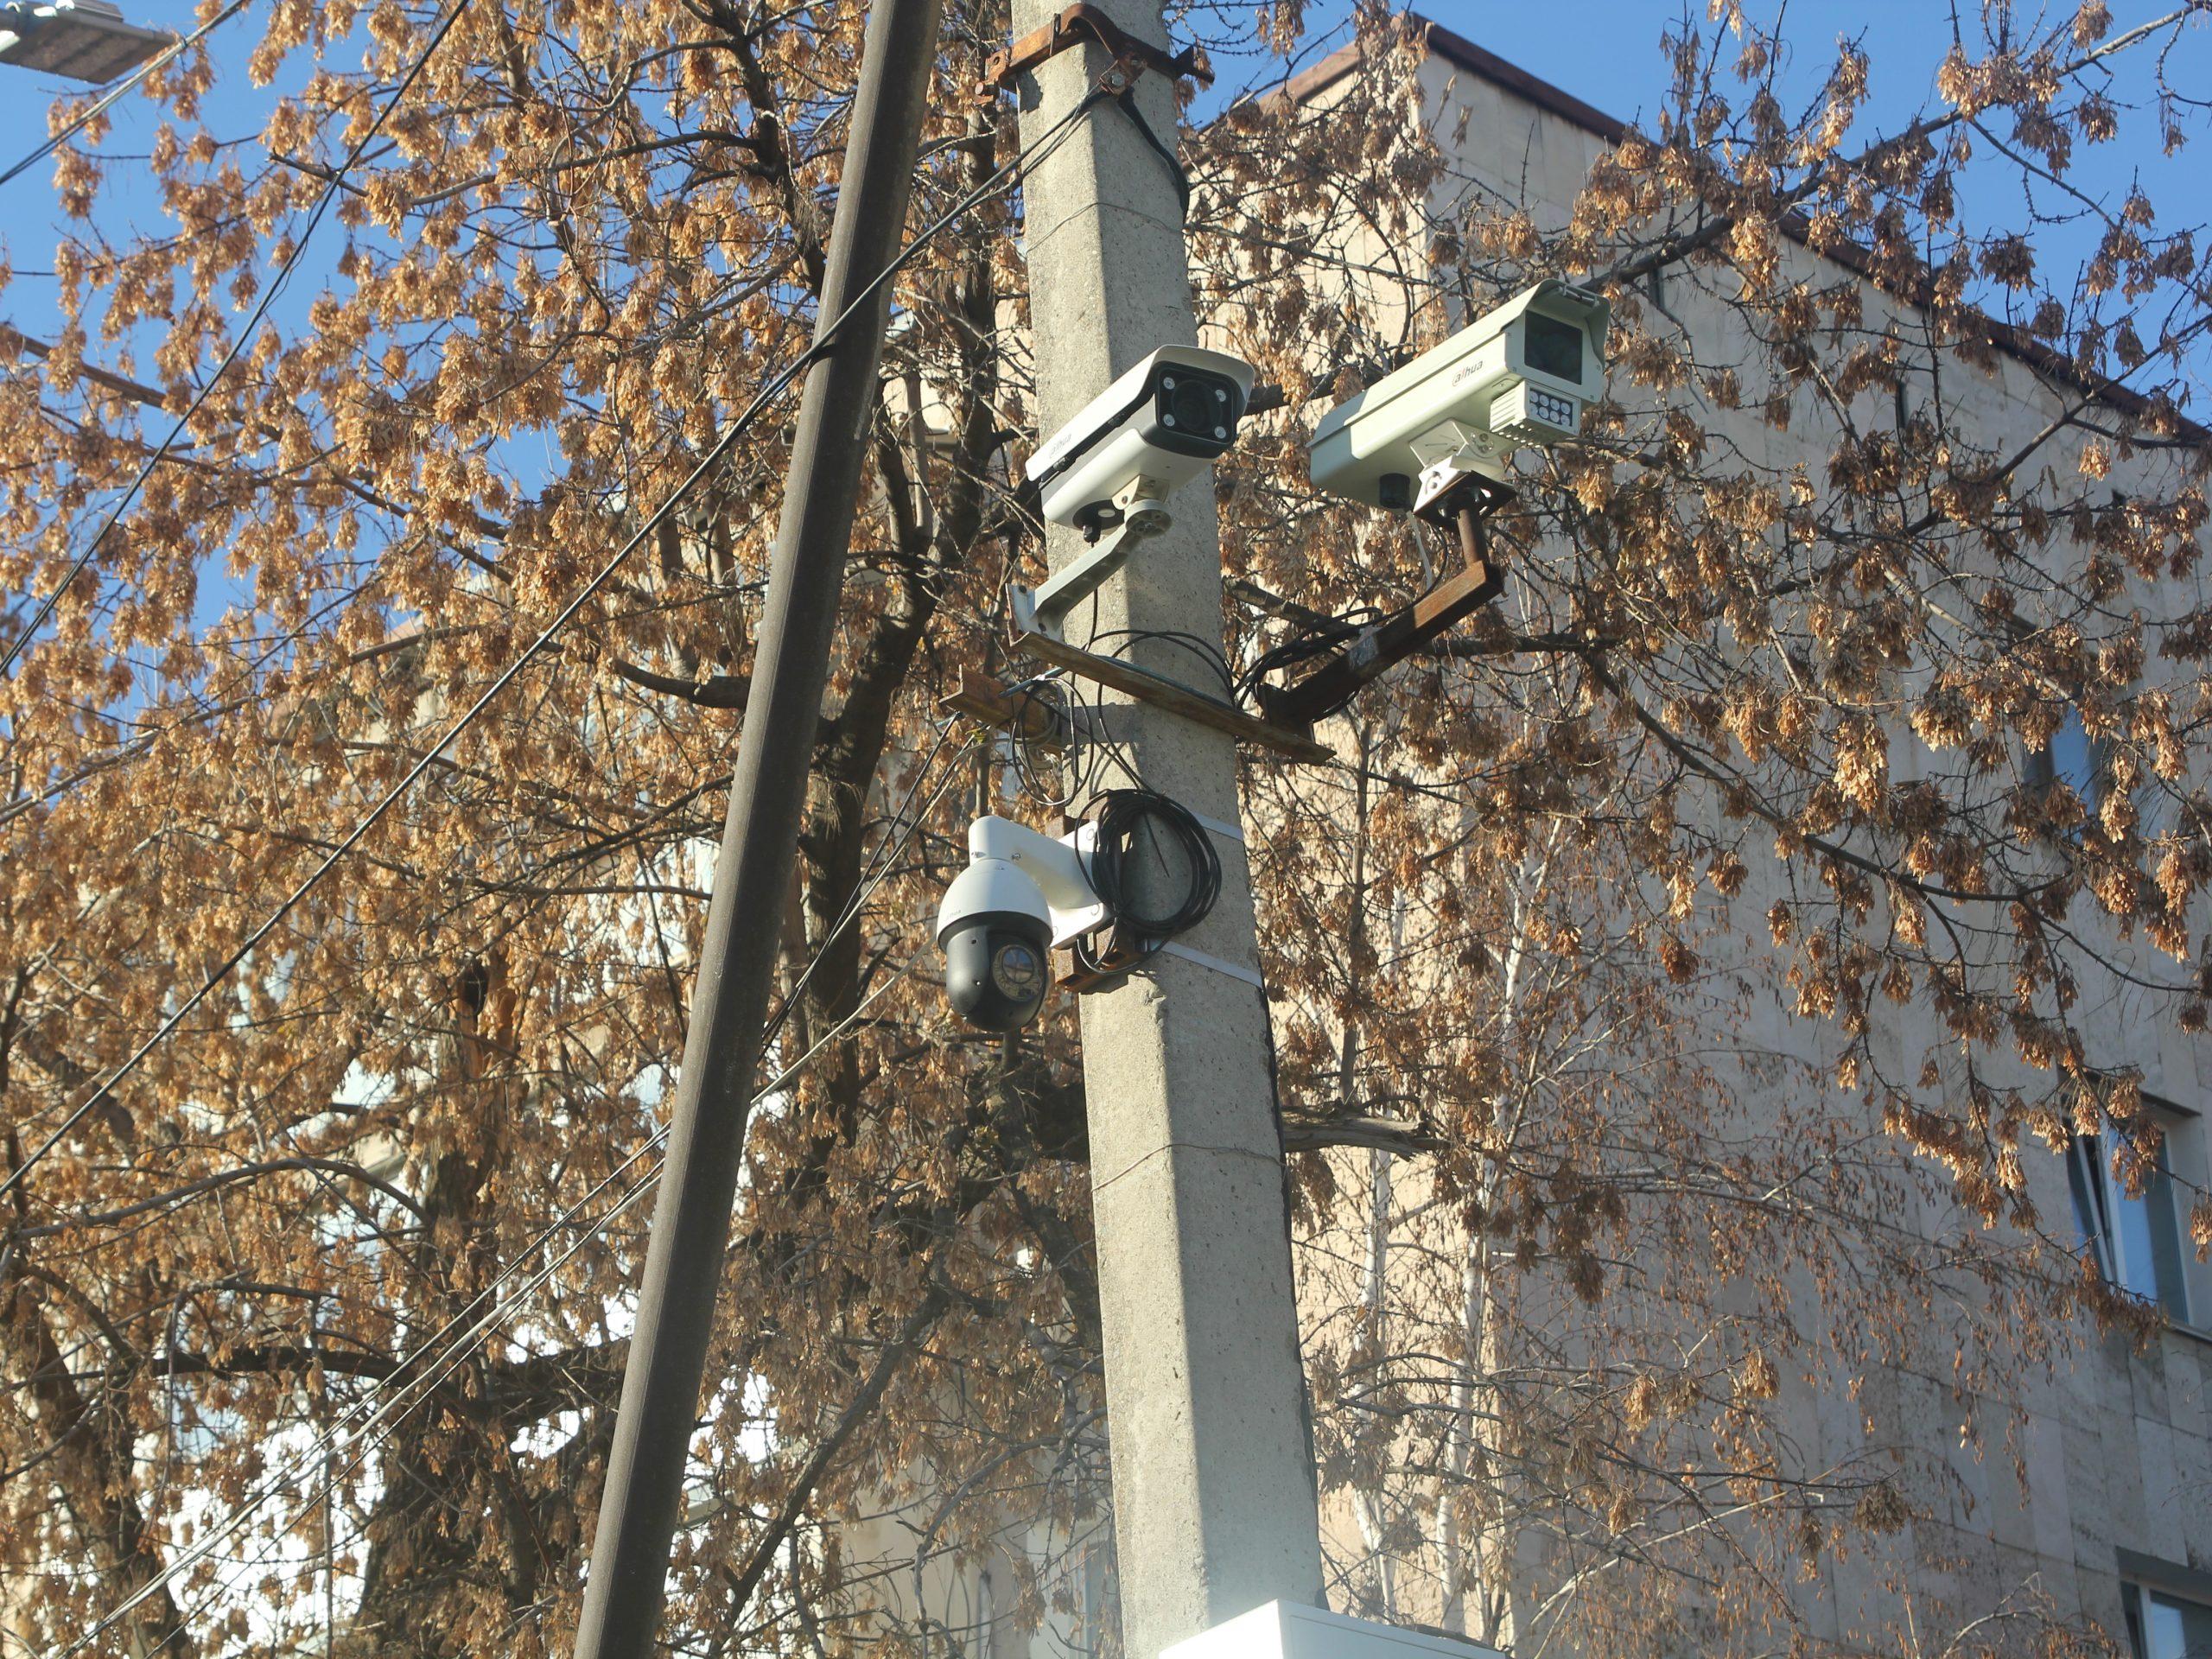 Полиция подала в суд на поставщиков камер и скоростемеров в ЗКО. Иск не удовлетворили